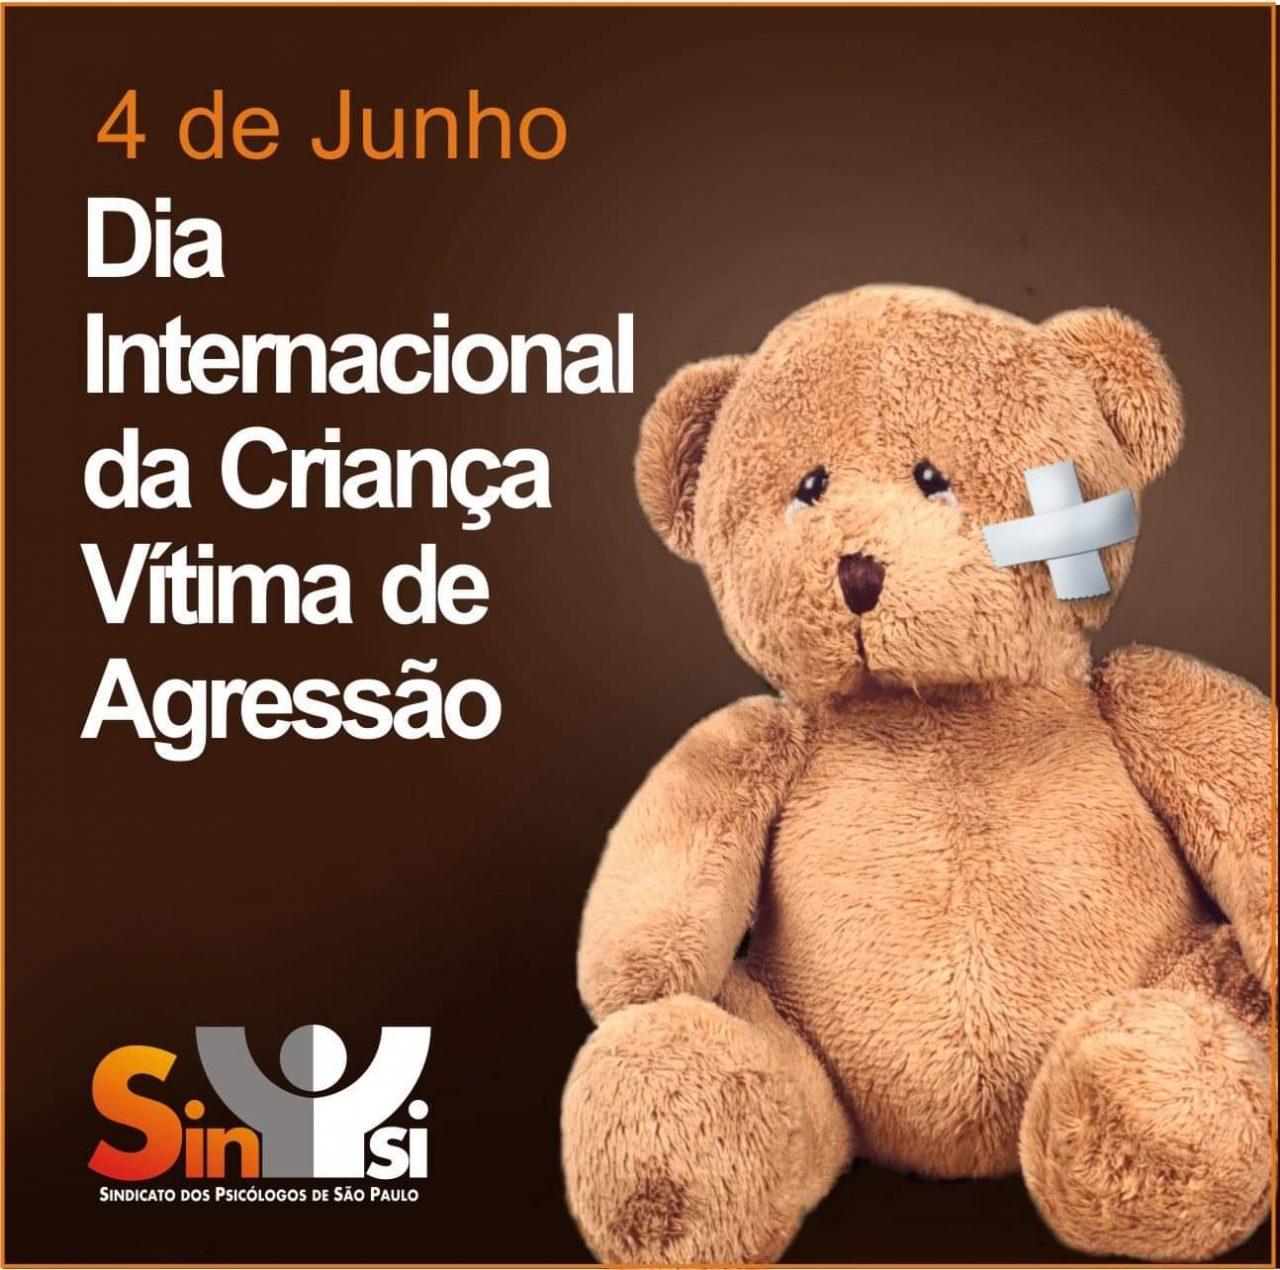 dia internacional da criança vítima de agressão